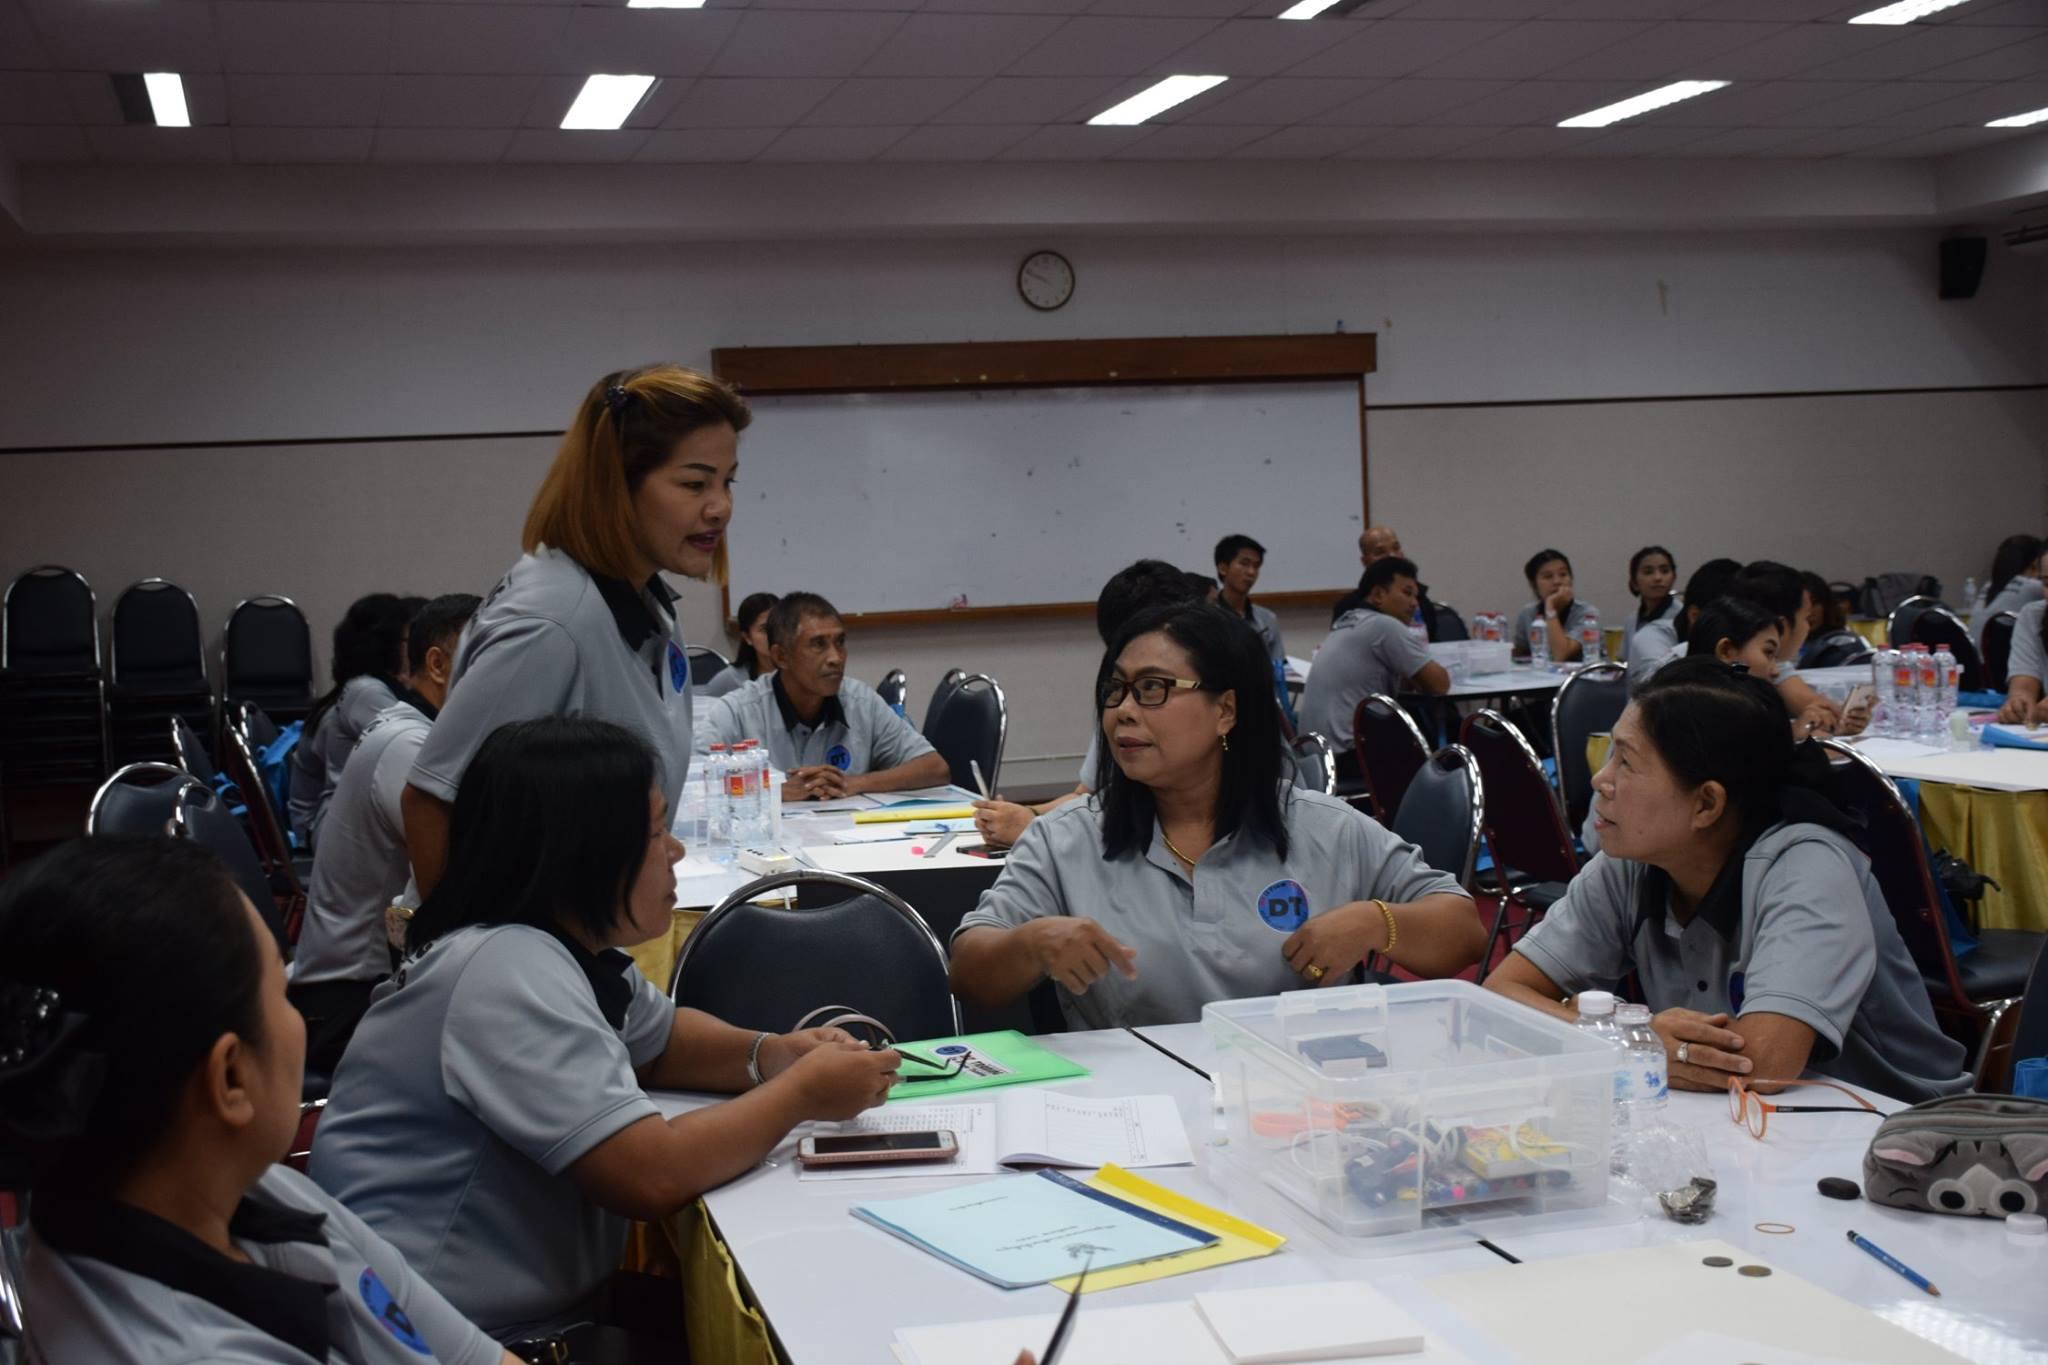 เทคโนฯ ร่วมจัดอบรมโครงการพัฒนาครู-4